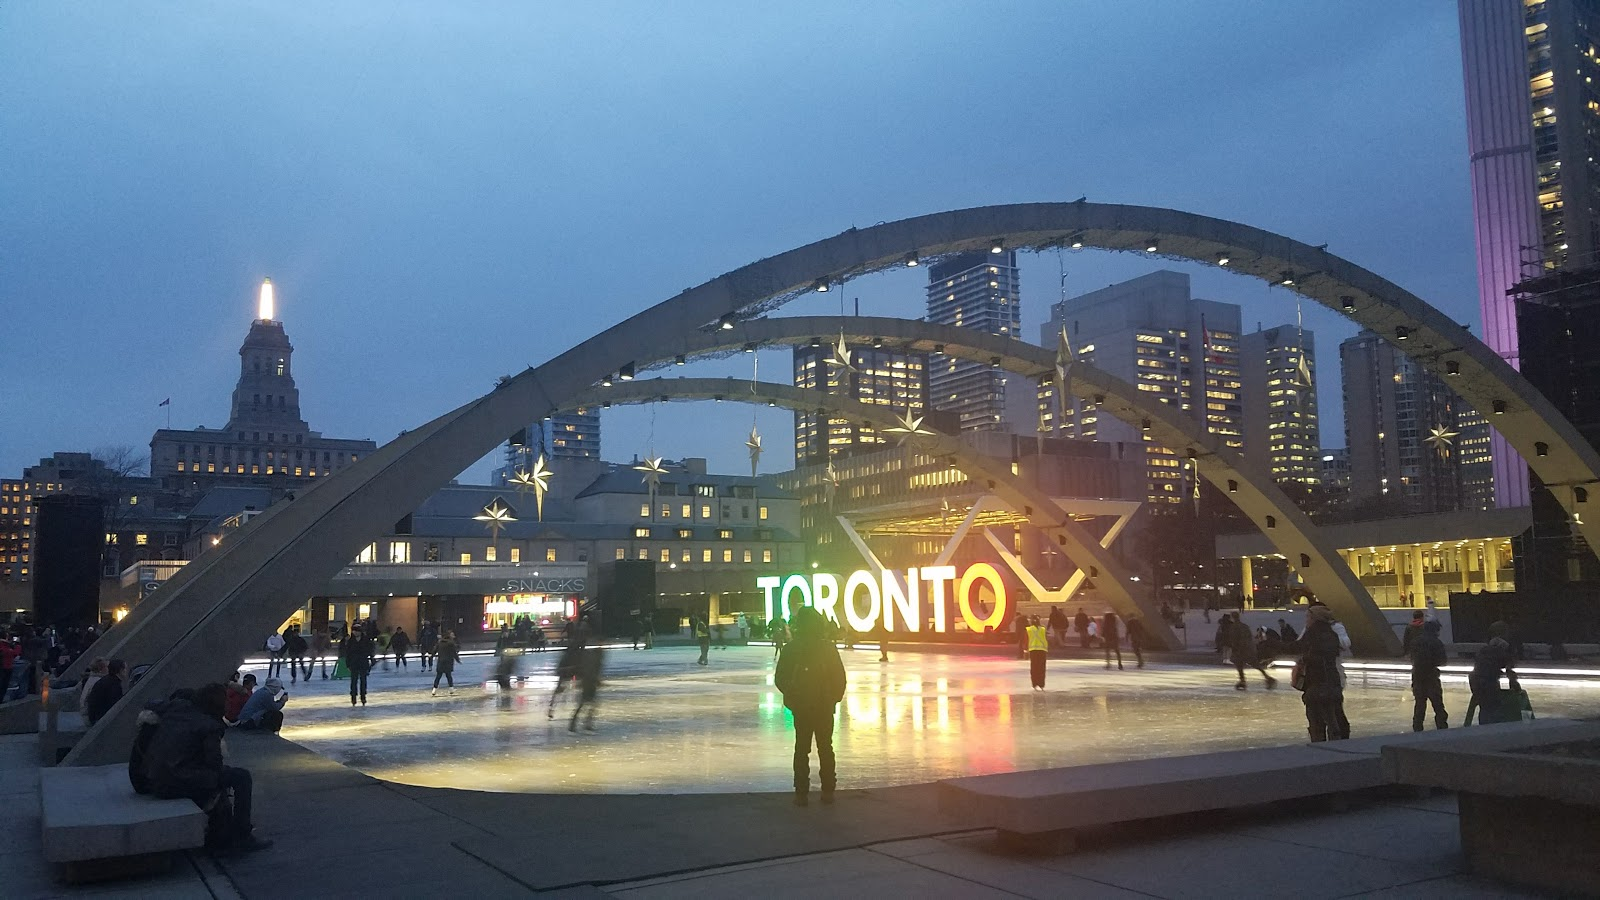 seznamky zdarma v Torontu ontario